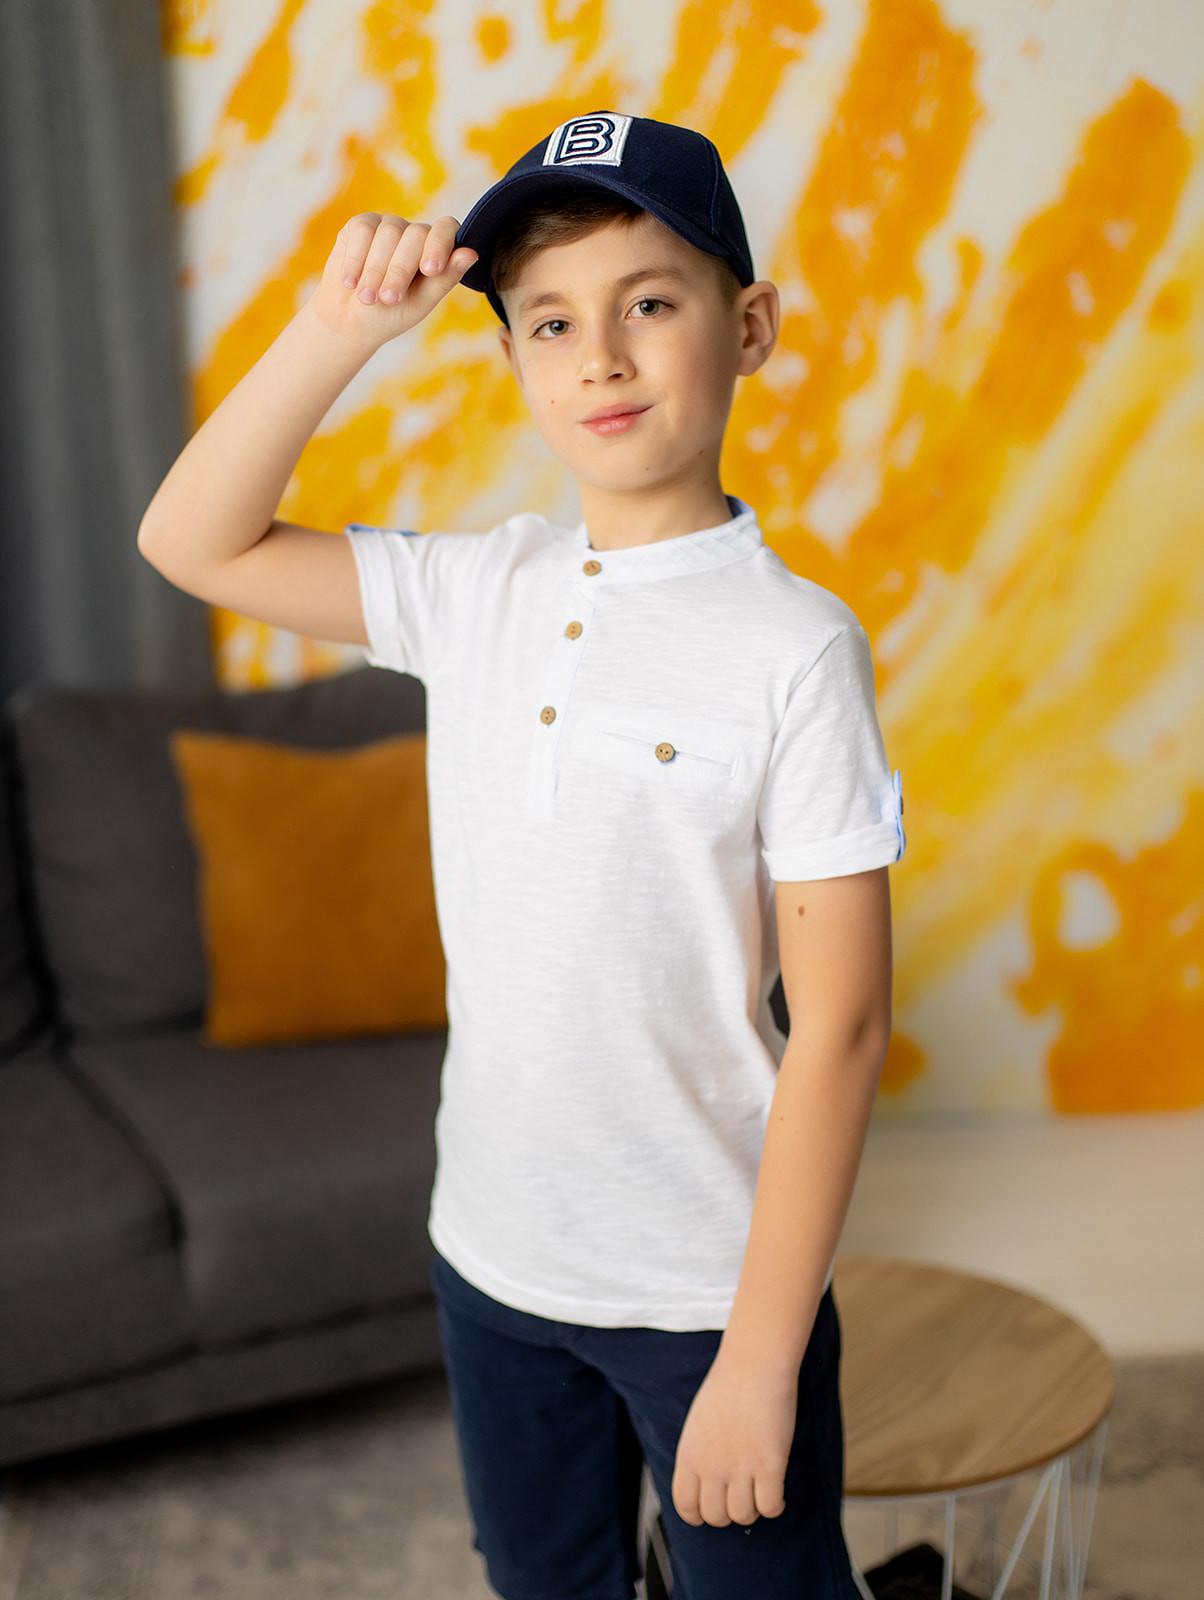 Летняя одежда для подростков: нормальные размеры, современные дизайны